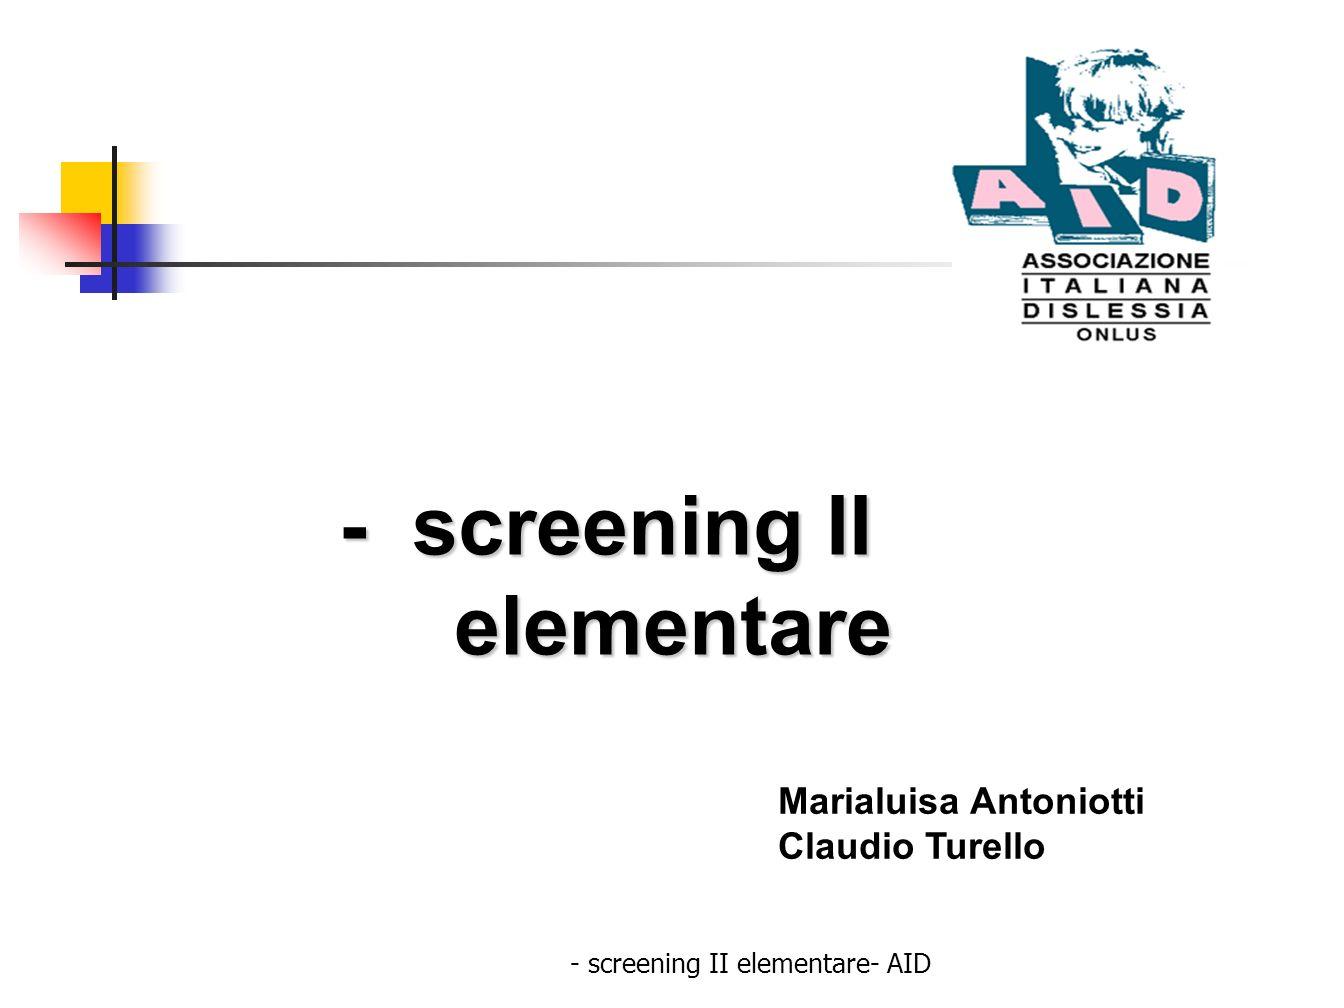 - screening II elementare- AID Una buona comprensione dipende da: Il contenuto del testo e le sue caratteristiche La complessità della struttura linguistica: a) morfosintattica b) lessicale Le competenze individuali a) competenze linguistiche b) capacità cognitive c) capacità logiche d) memoria ( MBT,MLT, Memoria di lavoro) e) attenzione ( sostenuta, selettiva, alternata, divisa)